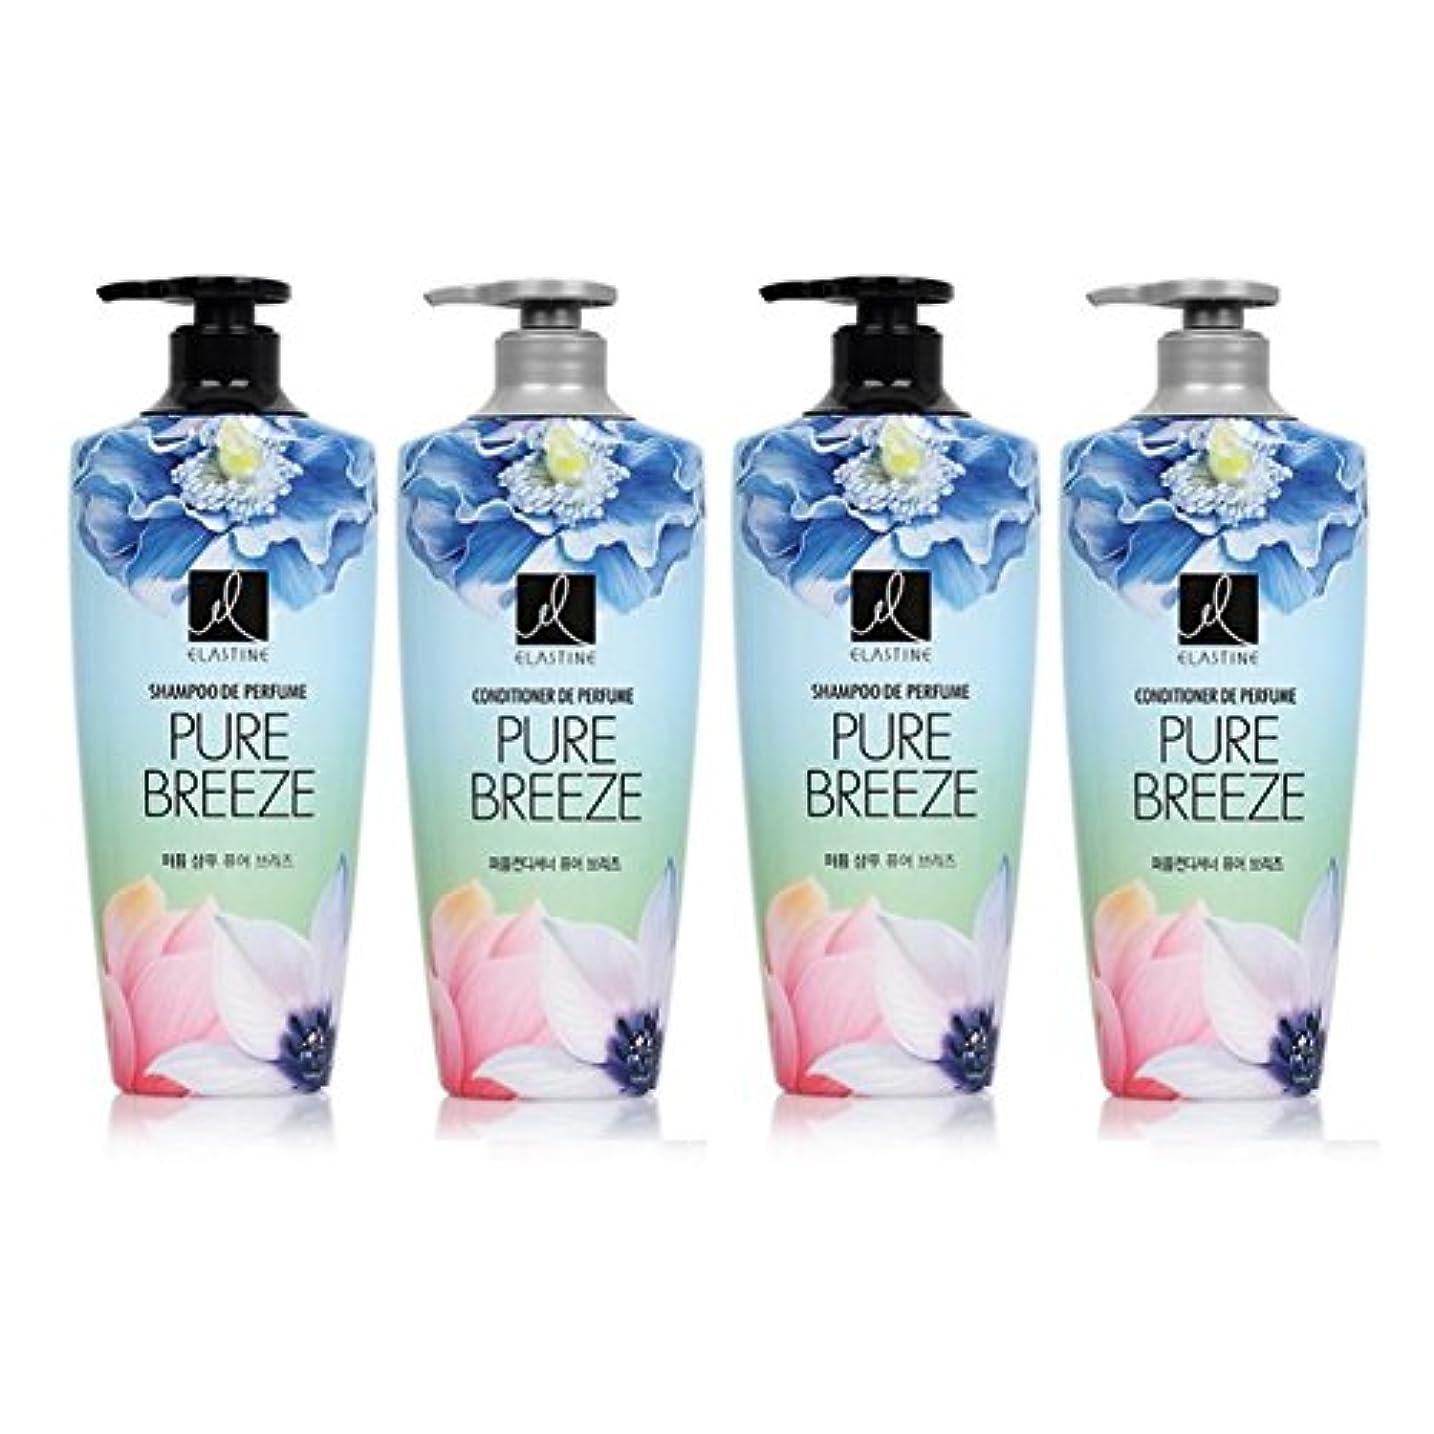 なめらかモンキー浸漬[エラスティン] Elastine Perfume PURE BREEZE 4本 セット / シャンプー(600ml) + コンディショナー(600ml) / パフュームピュアブリーズ [並行輸入品] (シャンプー 2本...